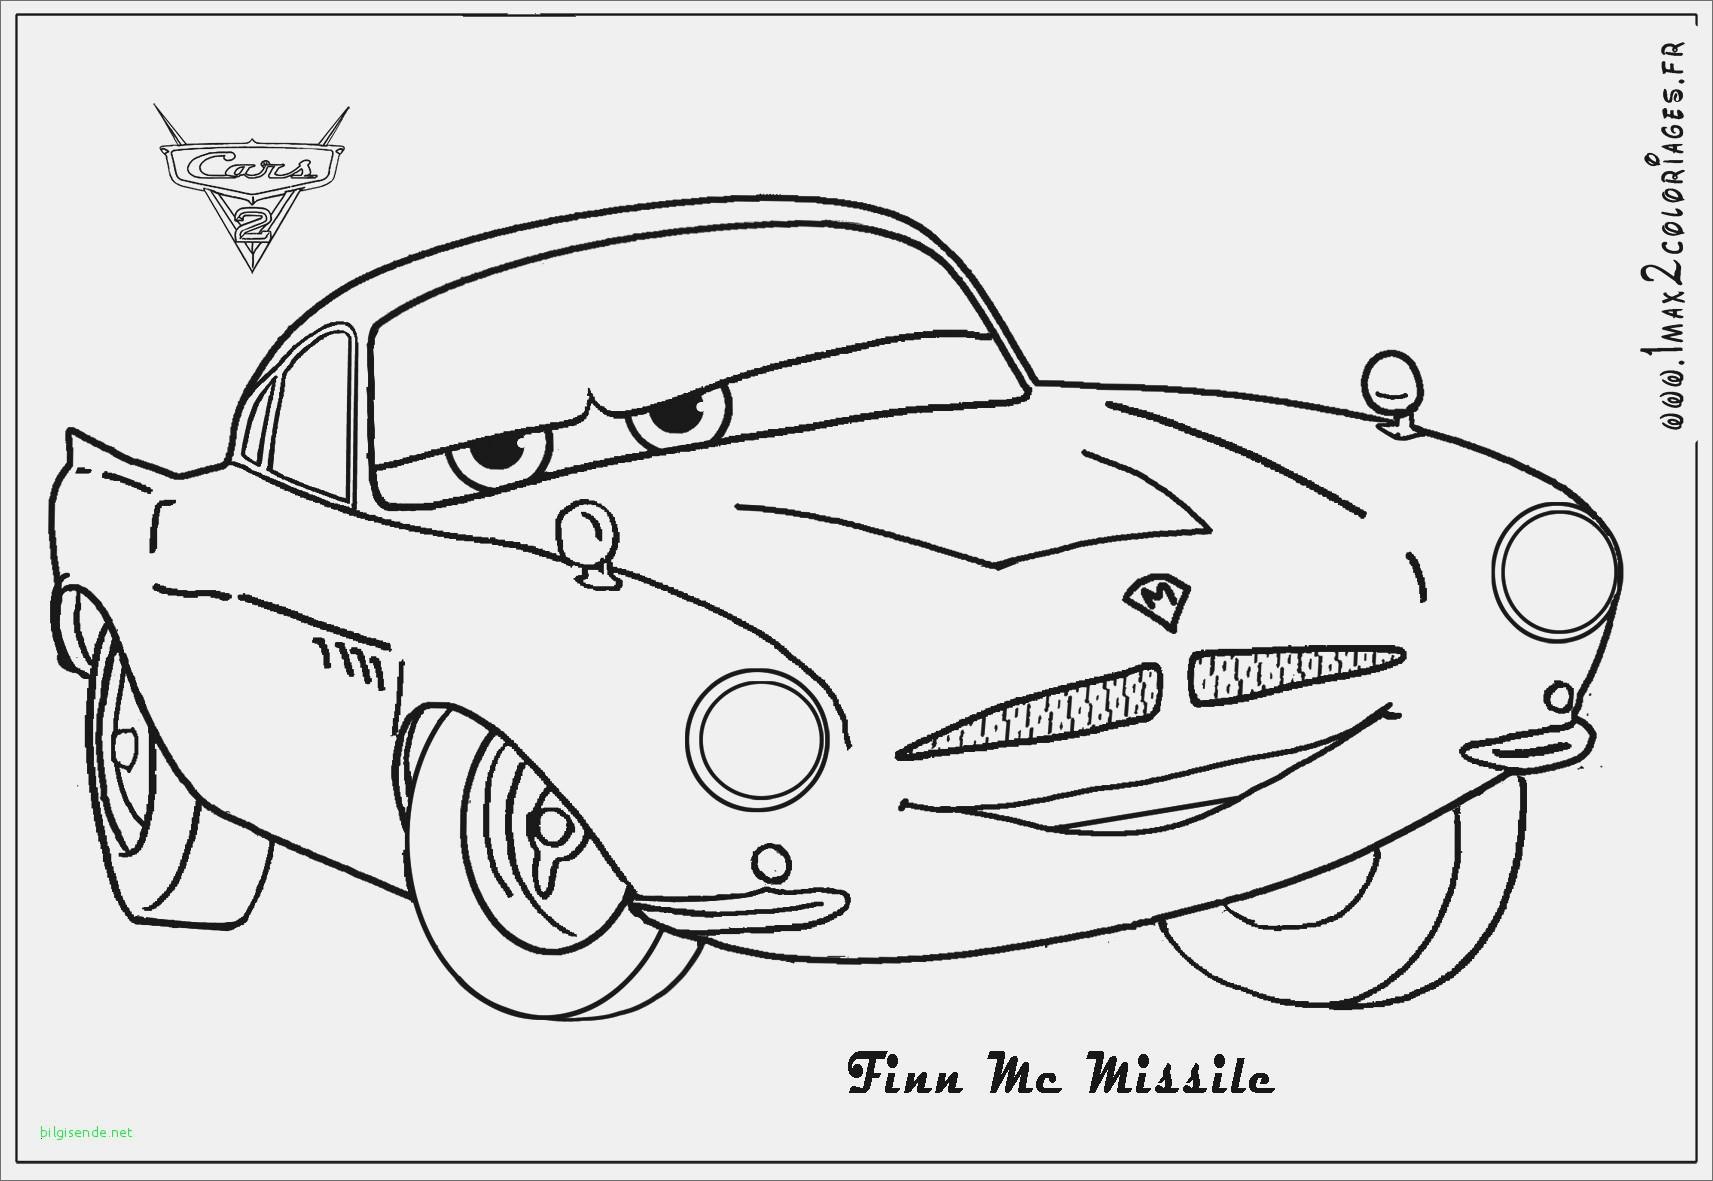 Minnie Maus Malvorlage Genial Lkw Malvorlagen Kostenlos Verschiedene Bilder Färben 37 Ausmalbilder Sammlung